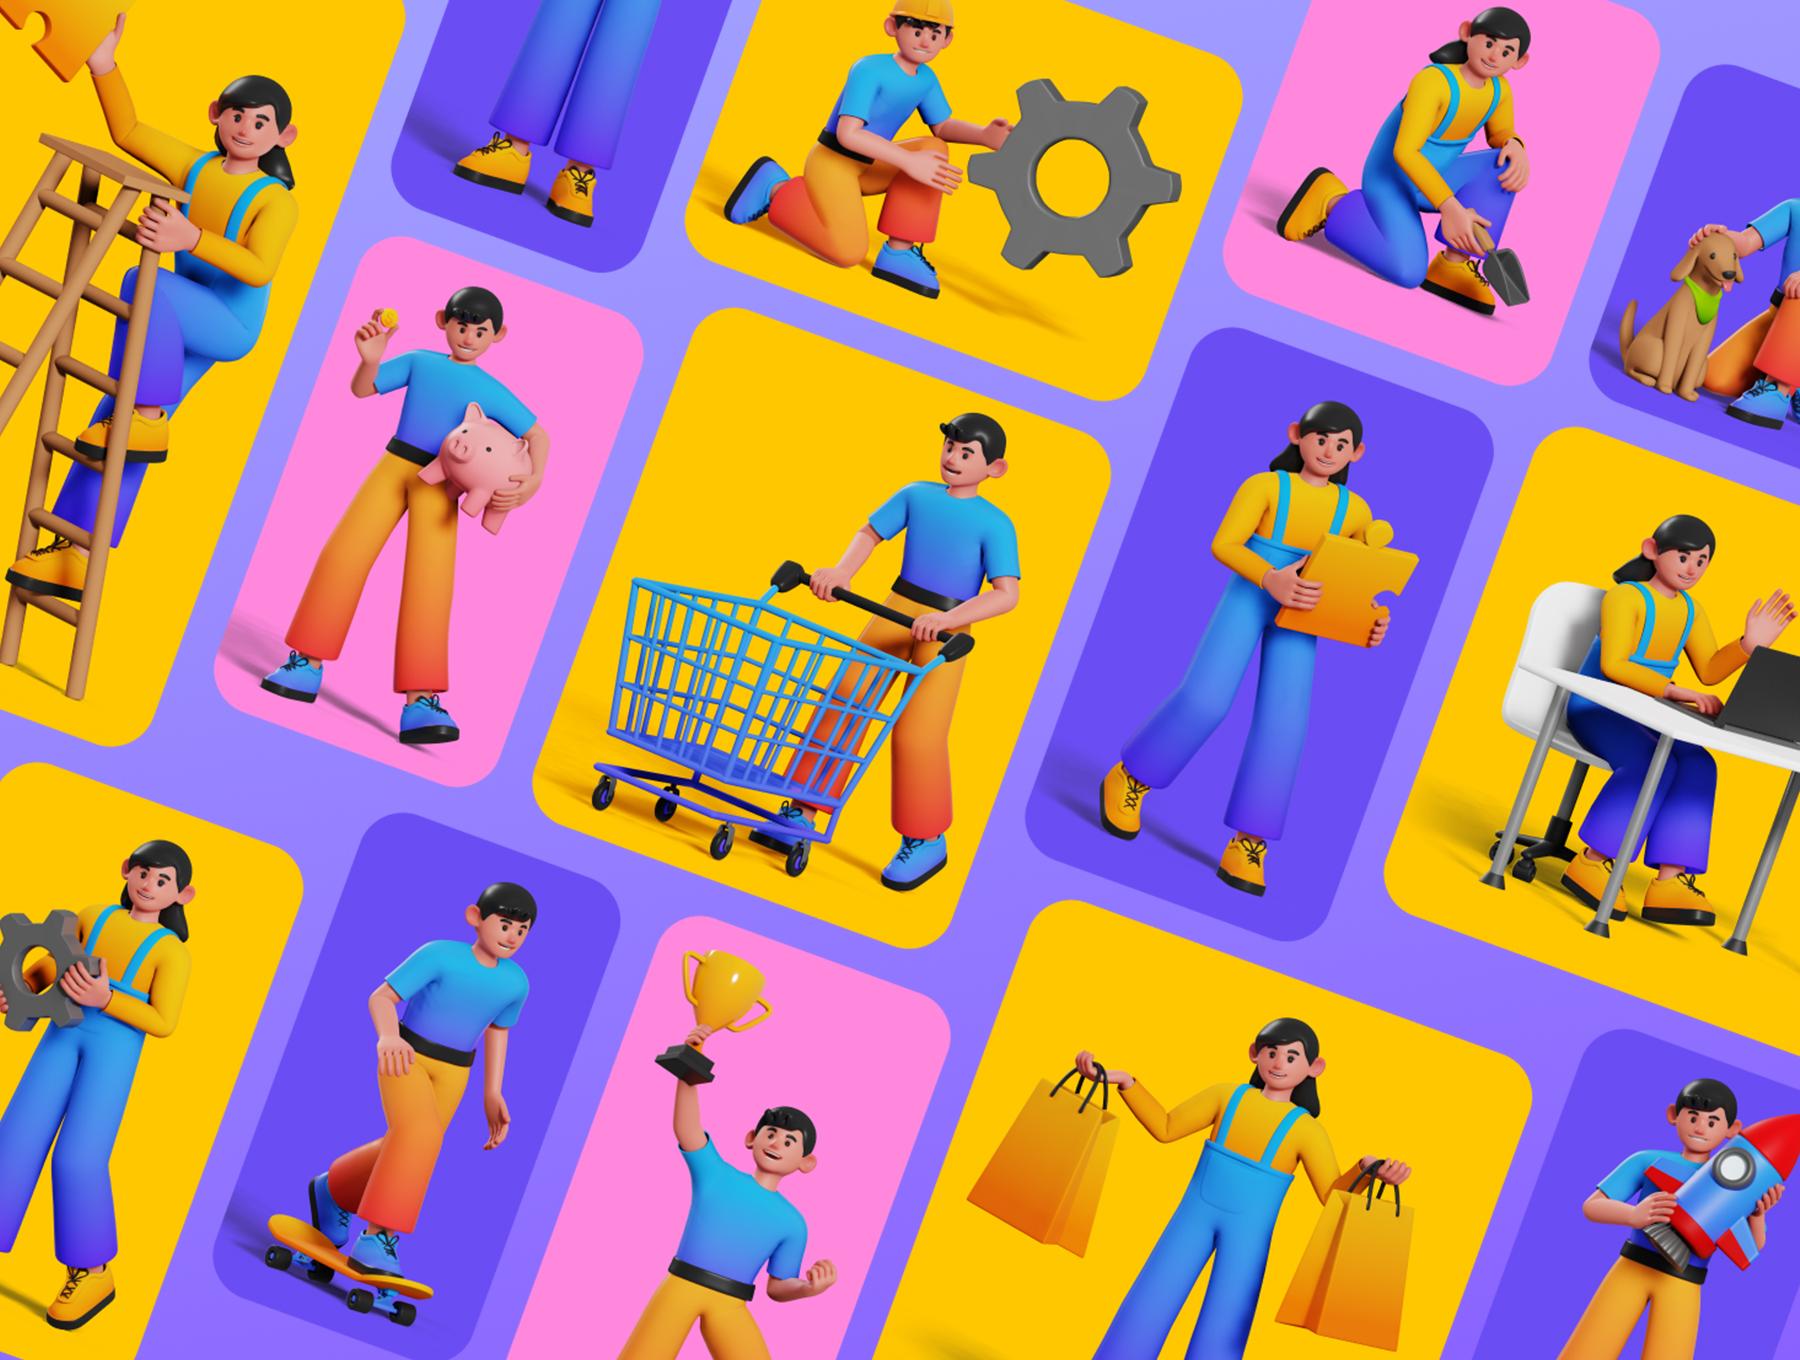 可爱卡通人物购物团队合作元素3D图标插图包 Joe and Jessie 3D Illustrations插图5